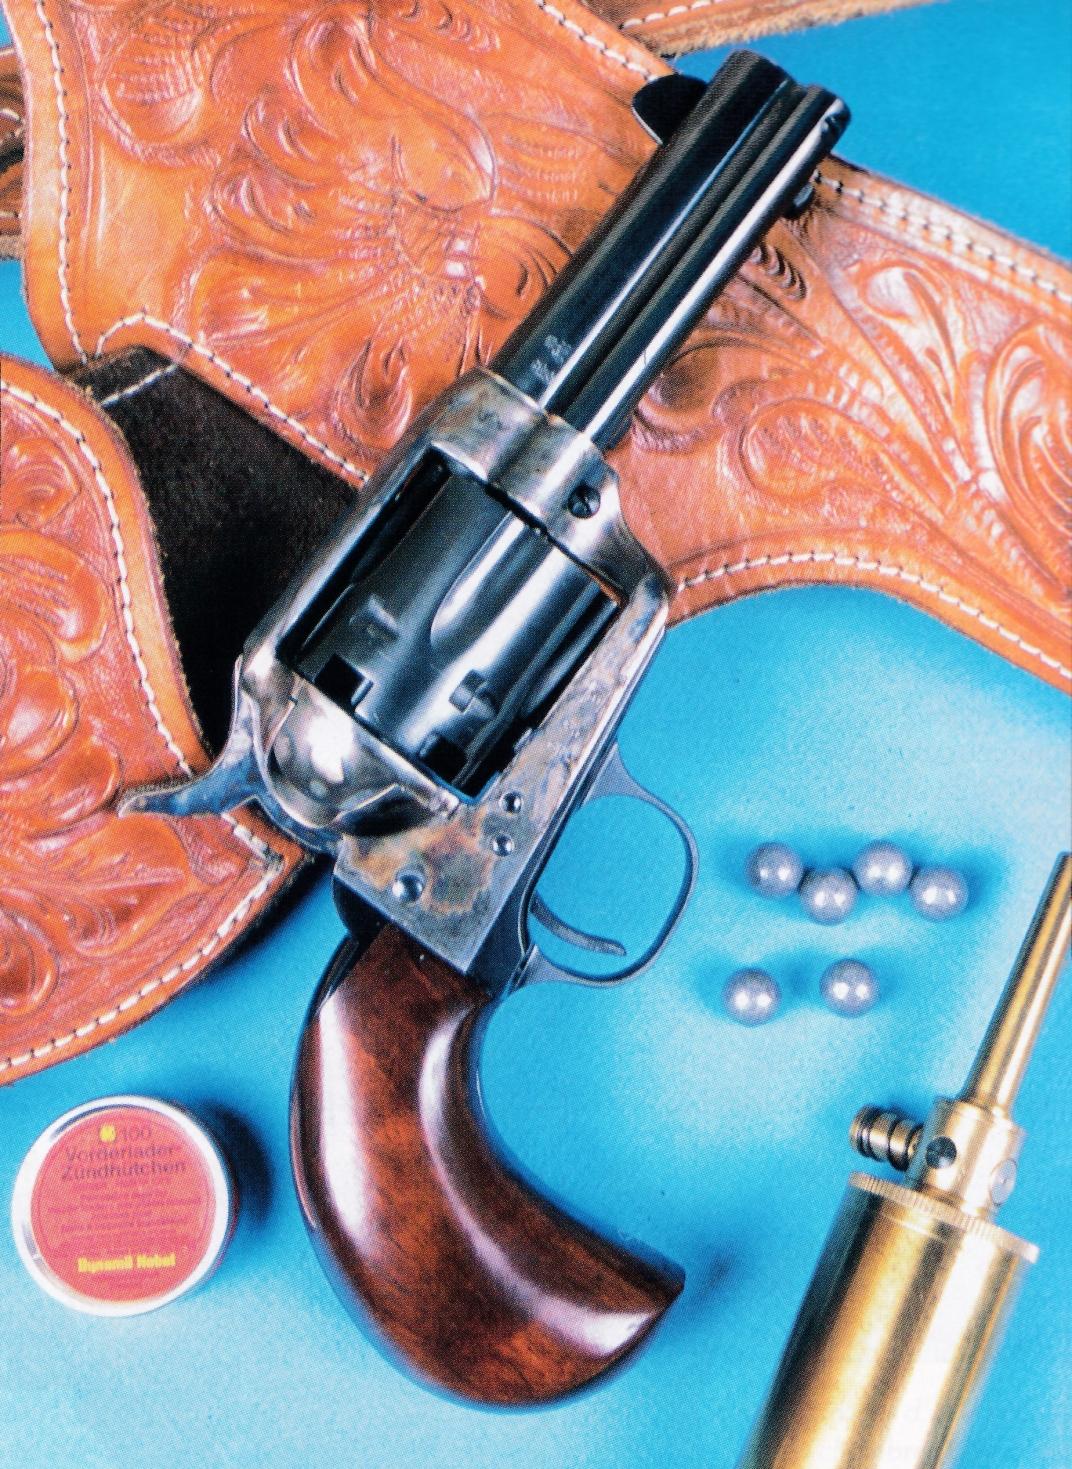 La réplique du Colt Bird's Head est accompagnée d'un superbe ensemble holster et ceinturon, en cuir ciselé et repoussé, de fabrication mexicaine.